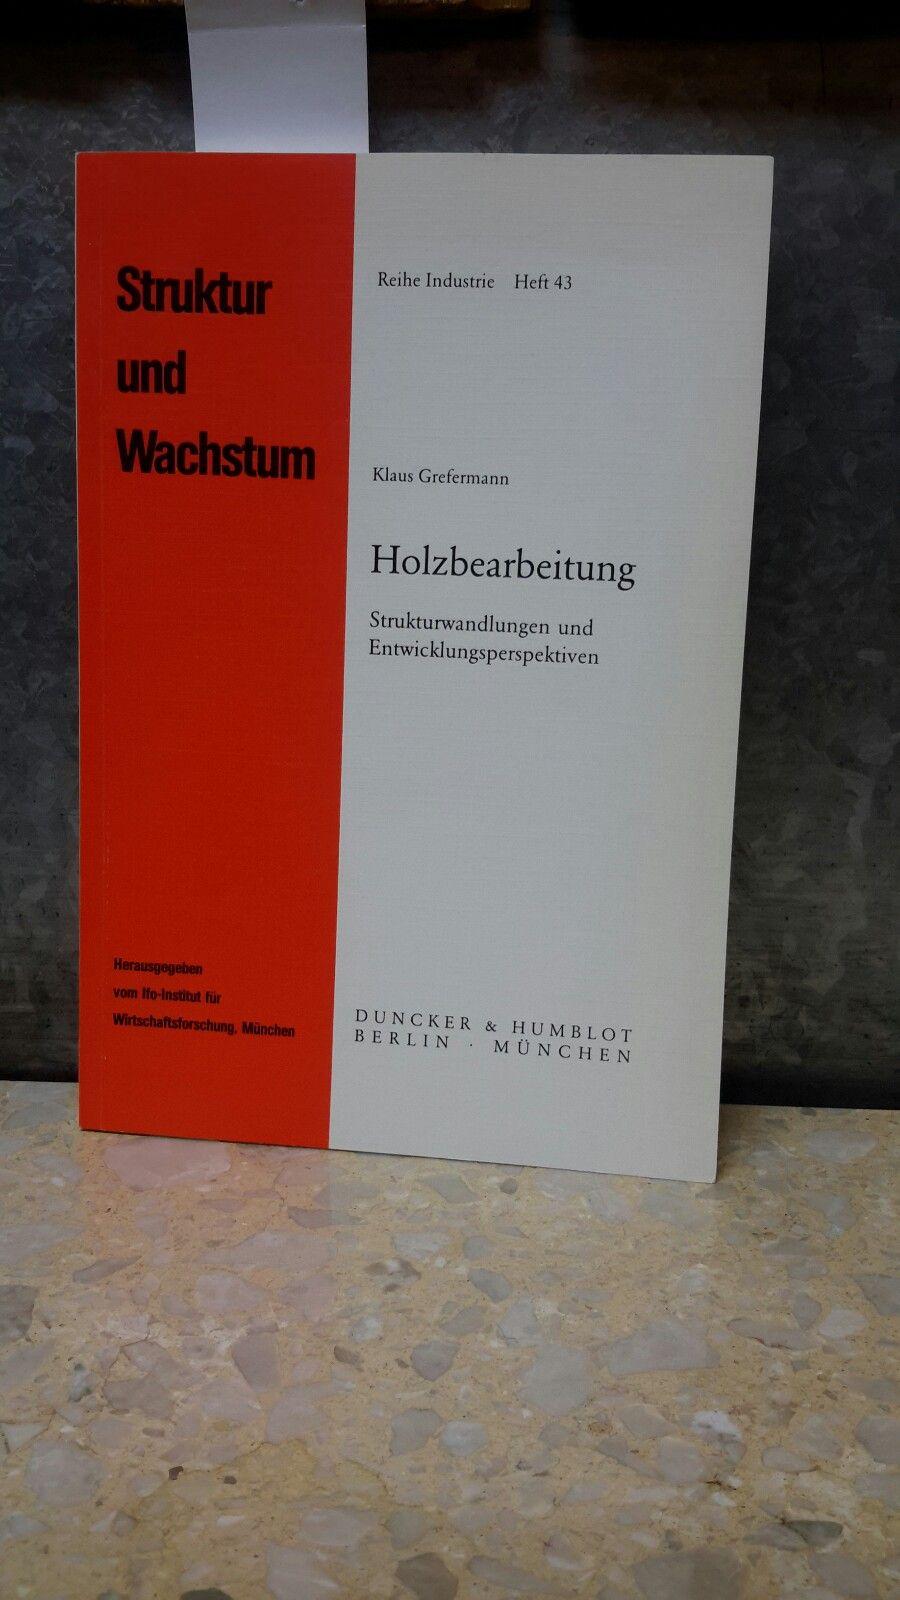 Holzbearbeitung : Strukturwandlungen u. Entwicklungsperspektiven. IFO-Inst. für Wirtschaftsforschung / Struktur und Wachstum / Reihe Industrie ; H. 43 - Grefermann, Klaus (Verfasser)